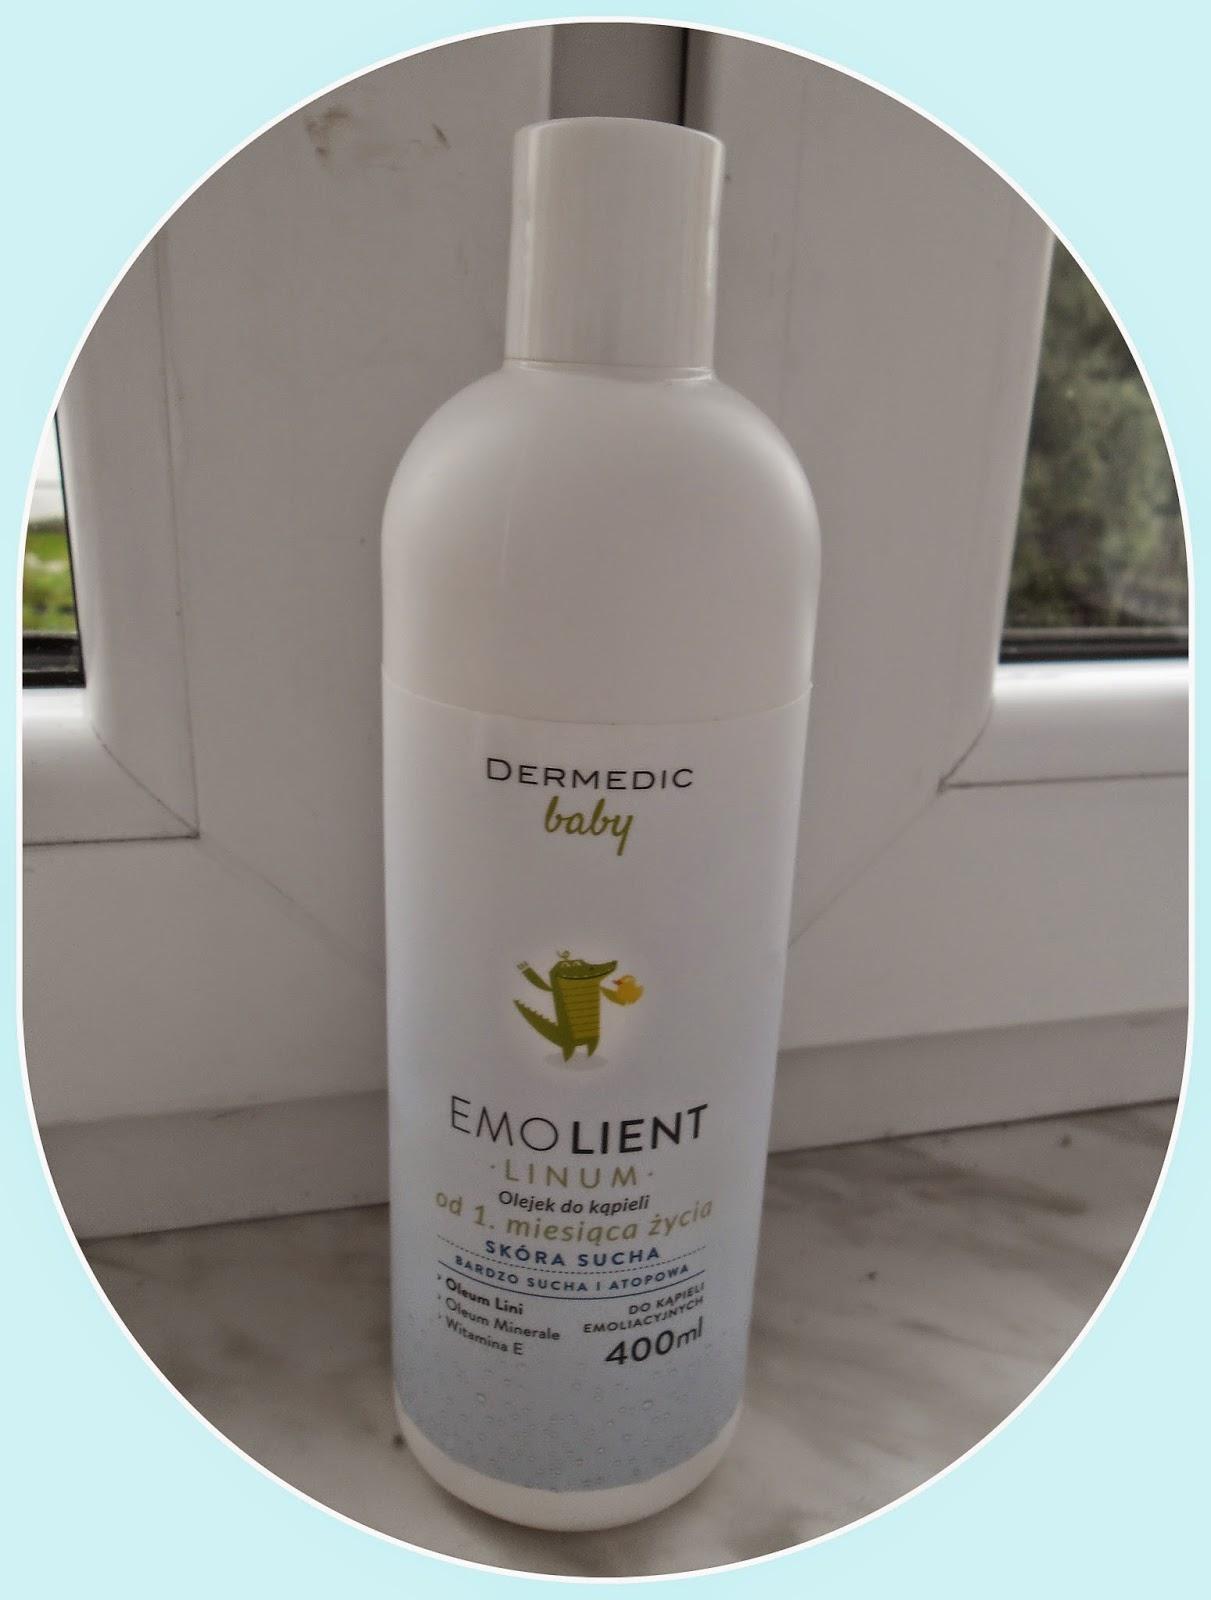 LINUM baby olejek do kąpieli od 1 miesiąca życia - recenzja